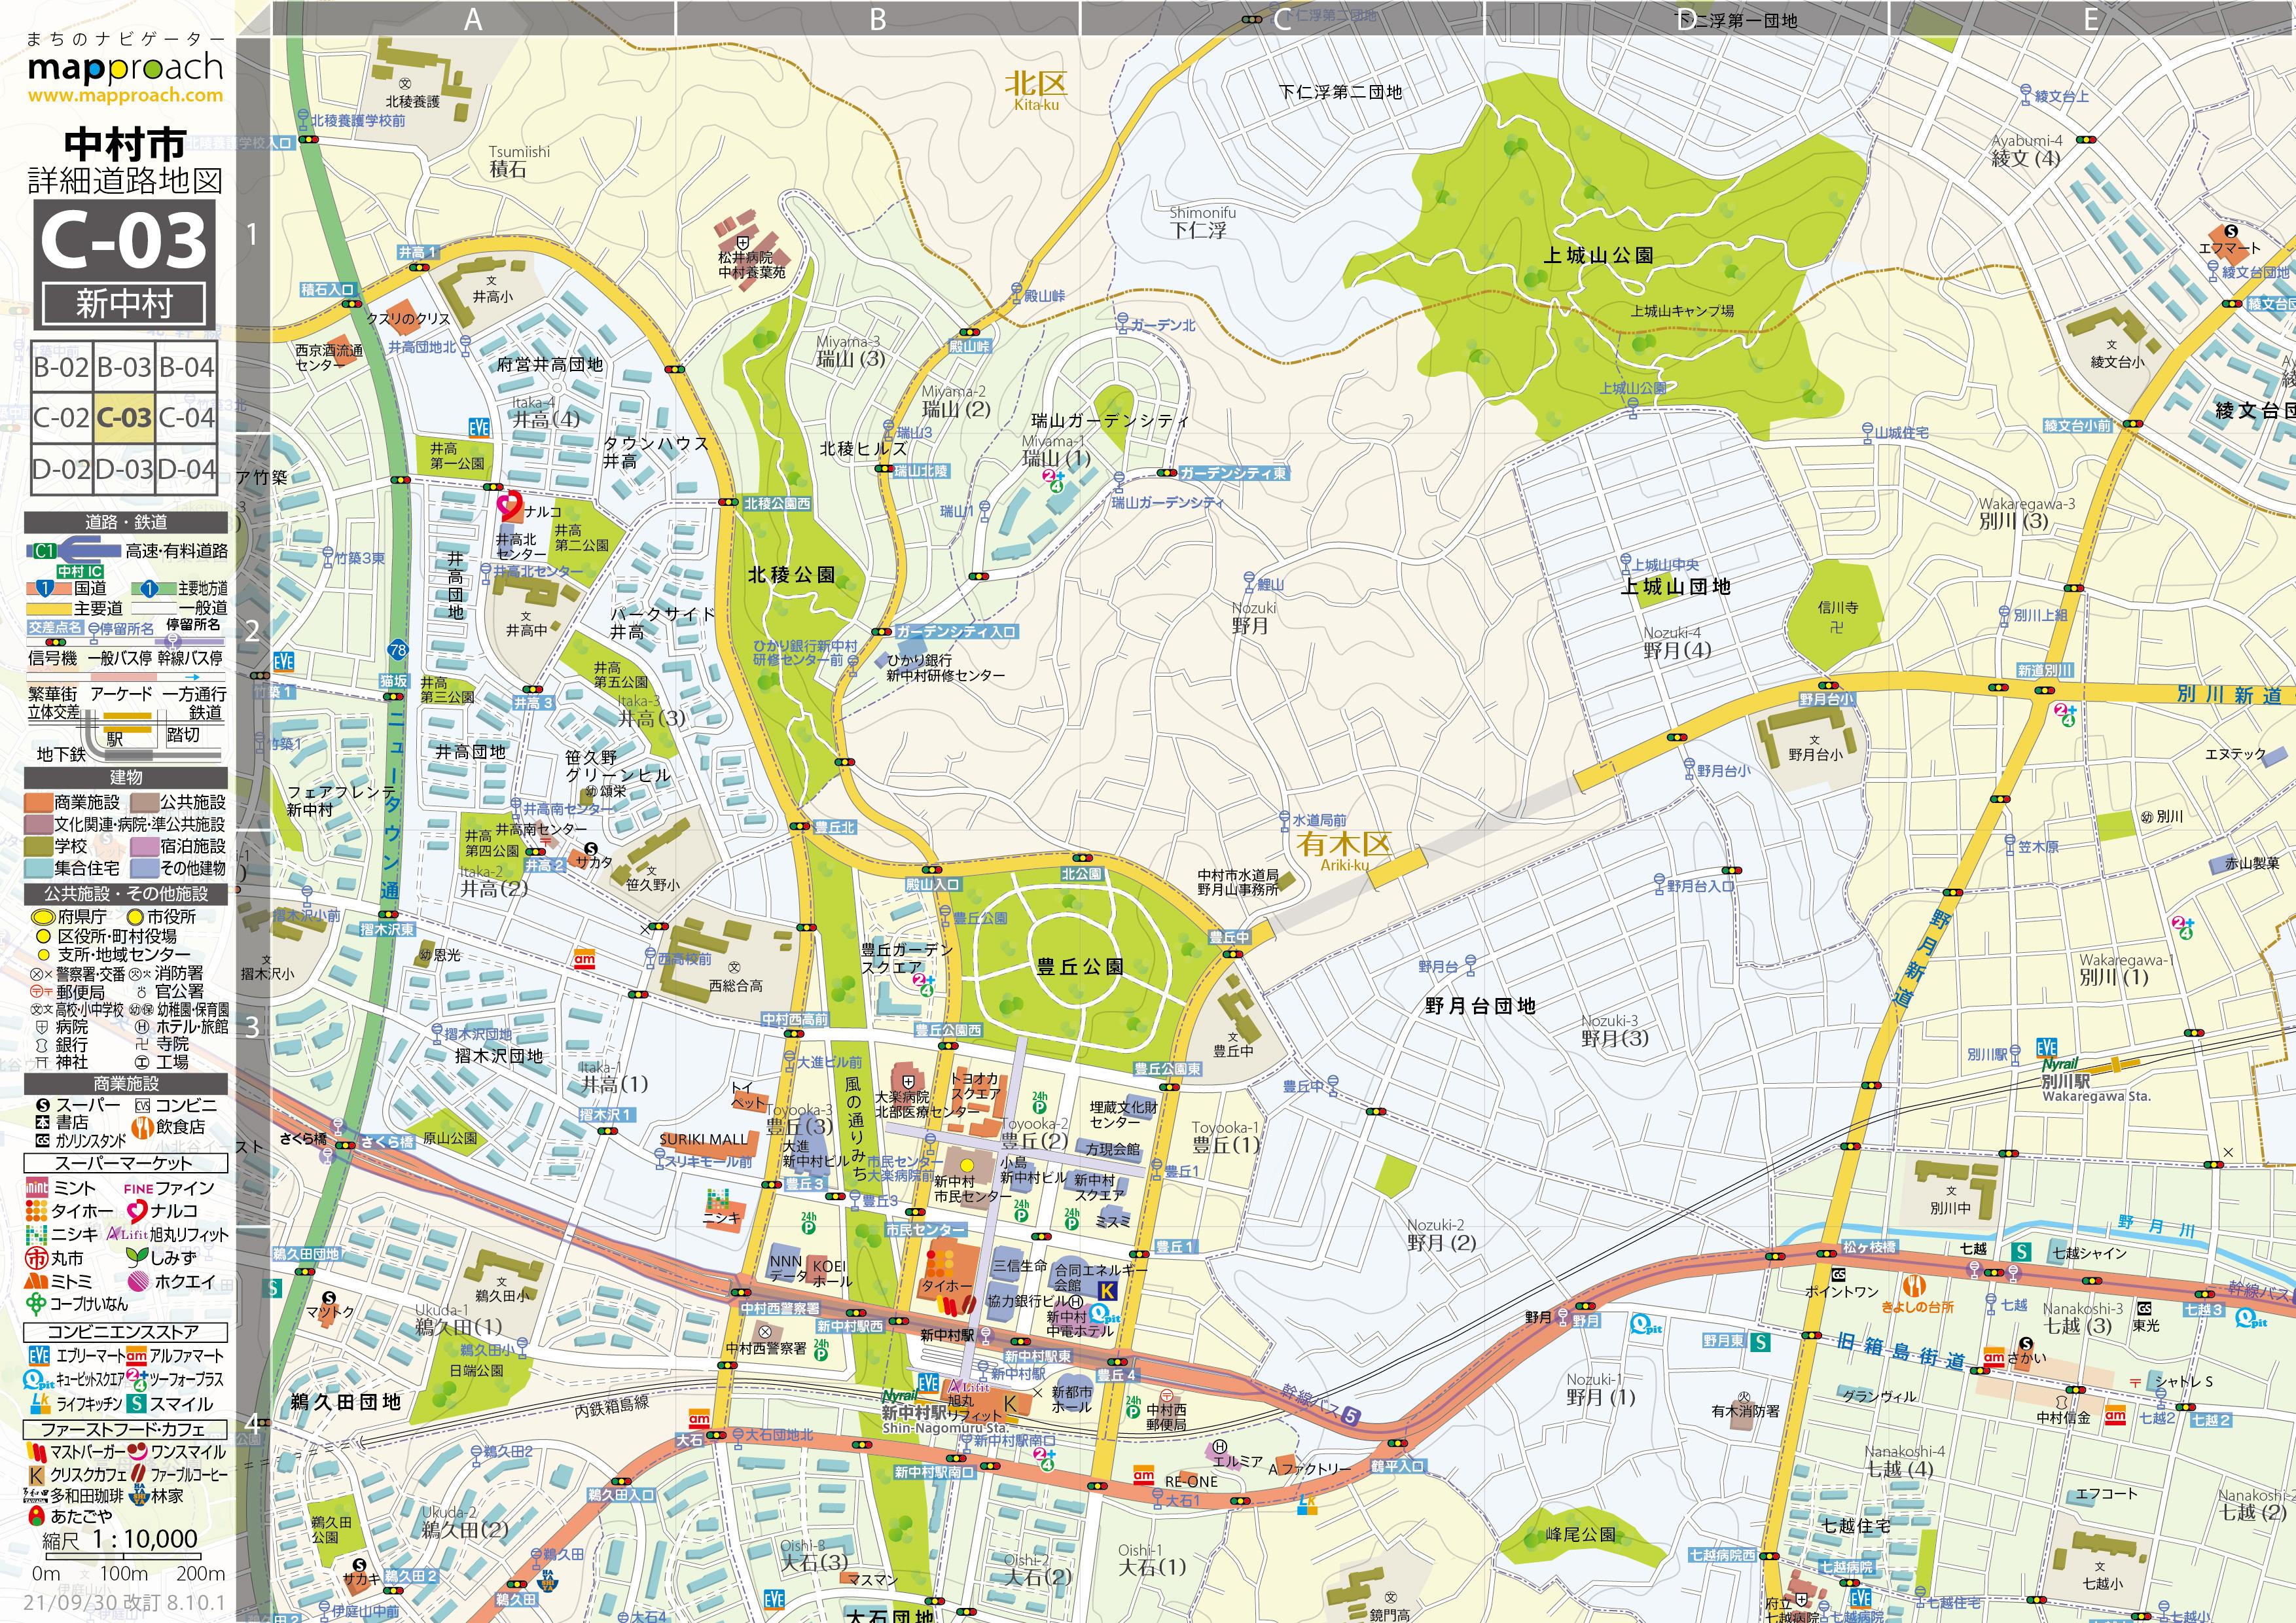 中村市都市地図(C-03)新中村 –...